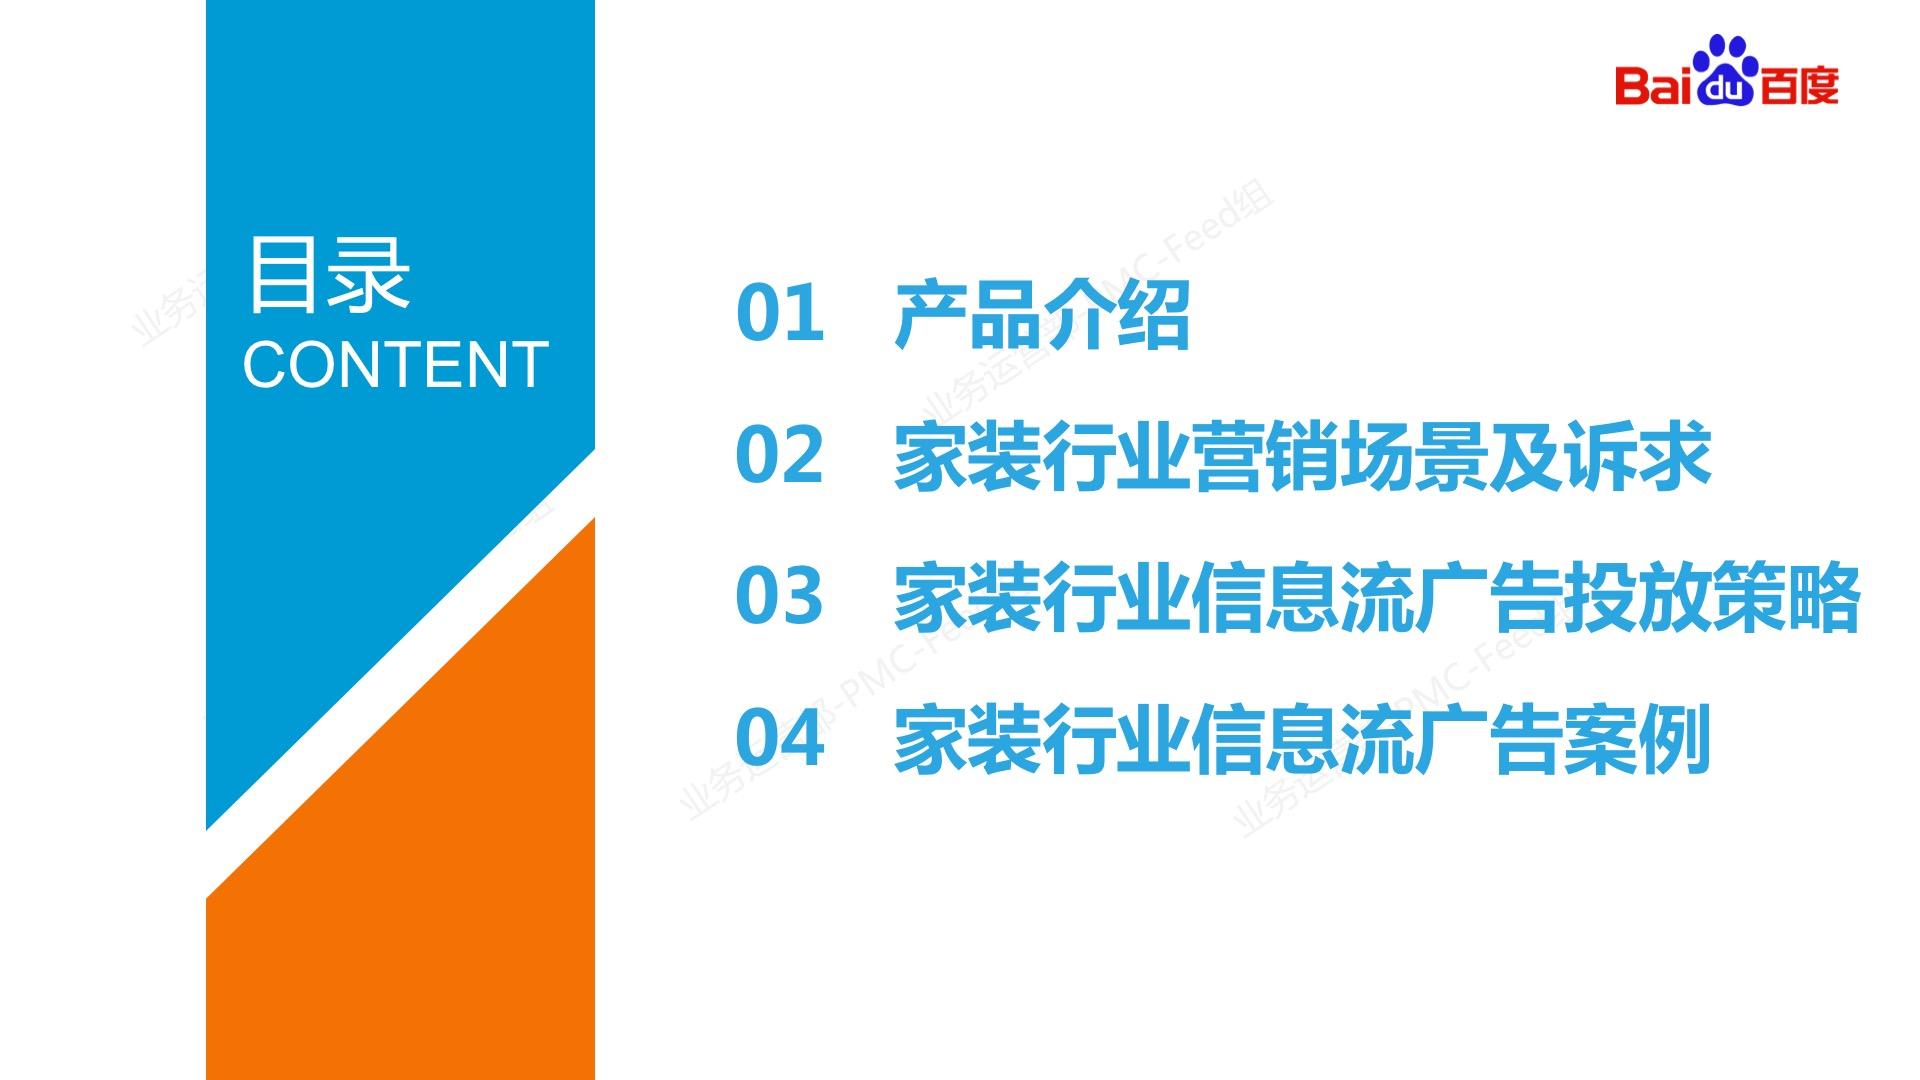 搜索推广-高级创意Feed家装行业解决方案 - 终版 [自动保存].jpg